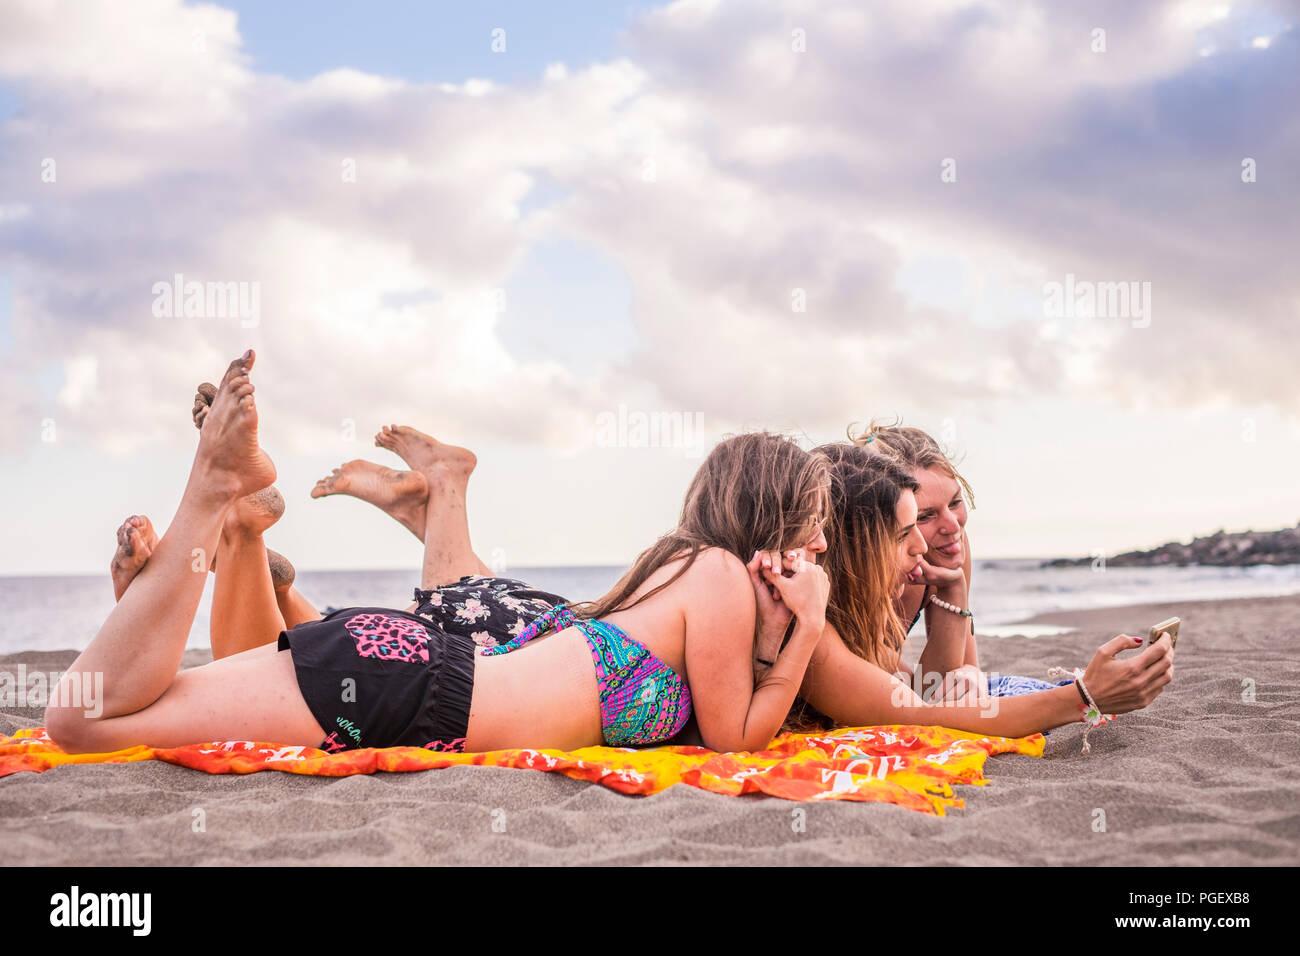 Verano, vacaciones, vacaciones, la tecnología y el concepto de la felicidad - grupo de gente sonriente con gafas, tomar la foto con el smartphone en la playa. happin Imagen De Stock